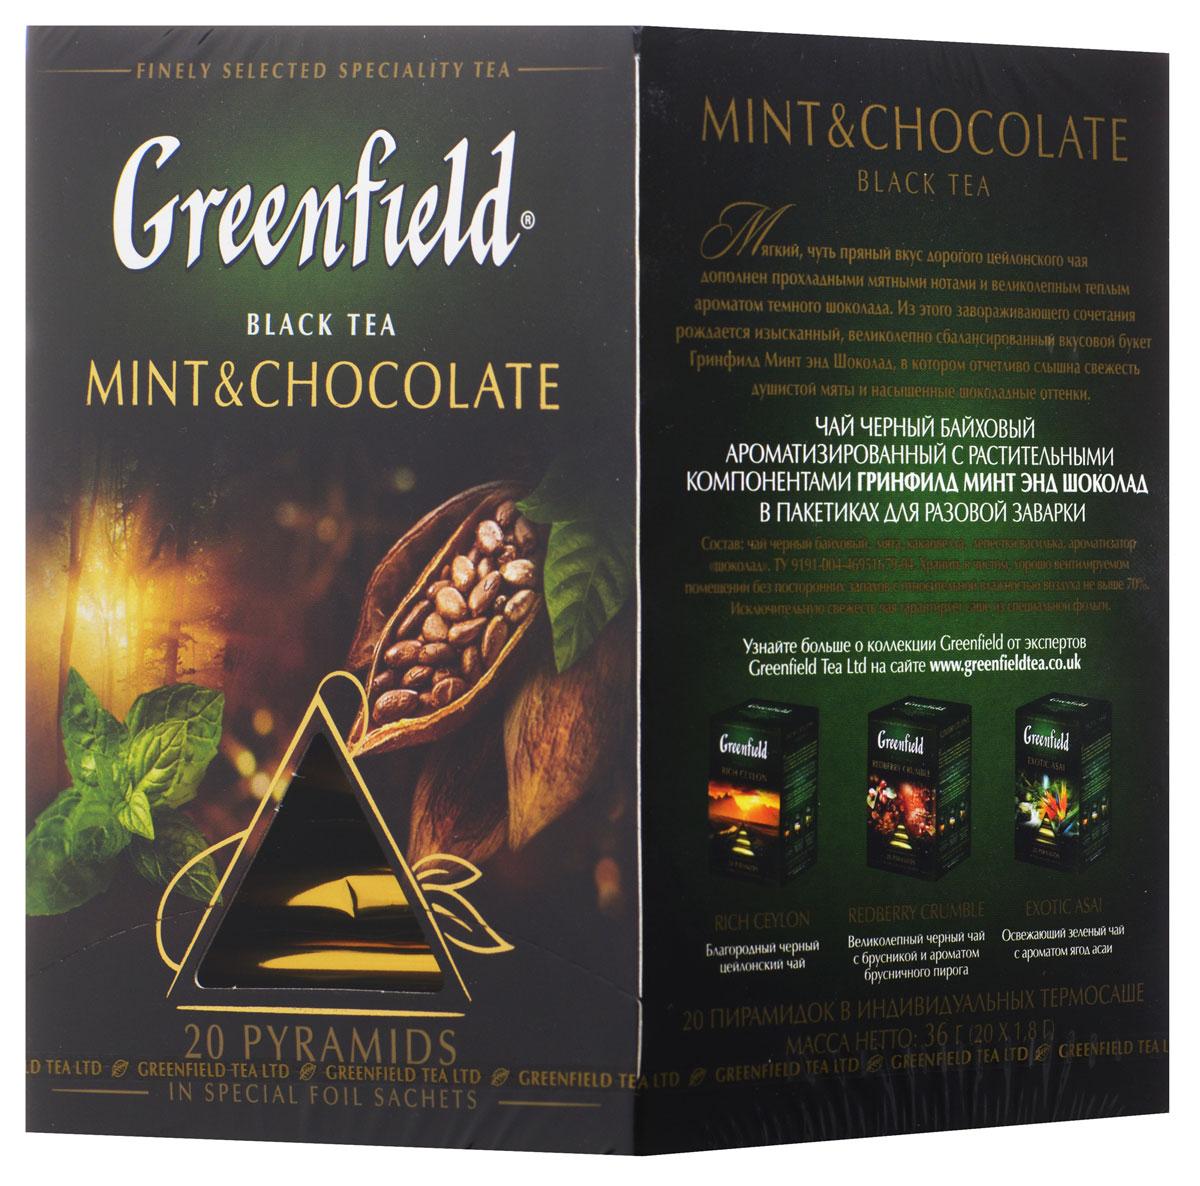 Greenfield Mint & Chocolate черный чай в пирамидках, 20 шт0120710Мягкий, чуть пряный вкус дорогого цейлонского чая Greenfield Mint & Chocolate дополнен прохладными мятными нотами и великолепным теплым ароматом темного шоколада. Из этого завораживающего сочетания рождается изысканный, великолепно сбалансированный вкусовой букет, в котором отчетливо слышна свежесть душистой мяты и насыщенные шоколадные оттенки.